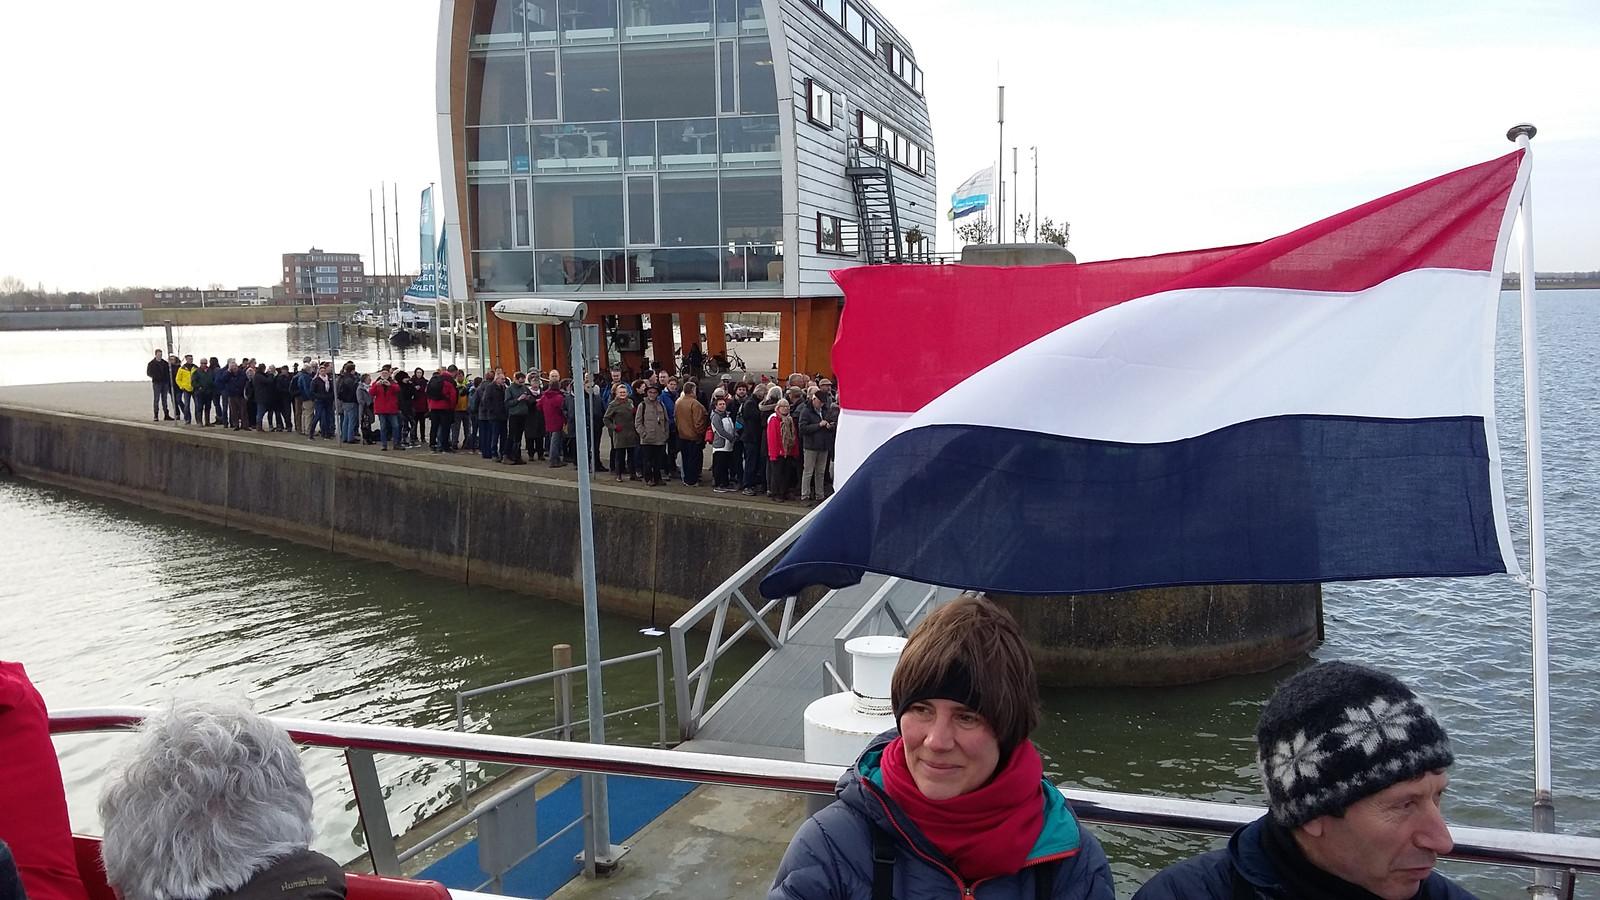 Volle boten naar markermeer voor exclusief stembureau foto - Tafelhuis van het wereld lange eiland ...